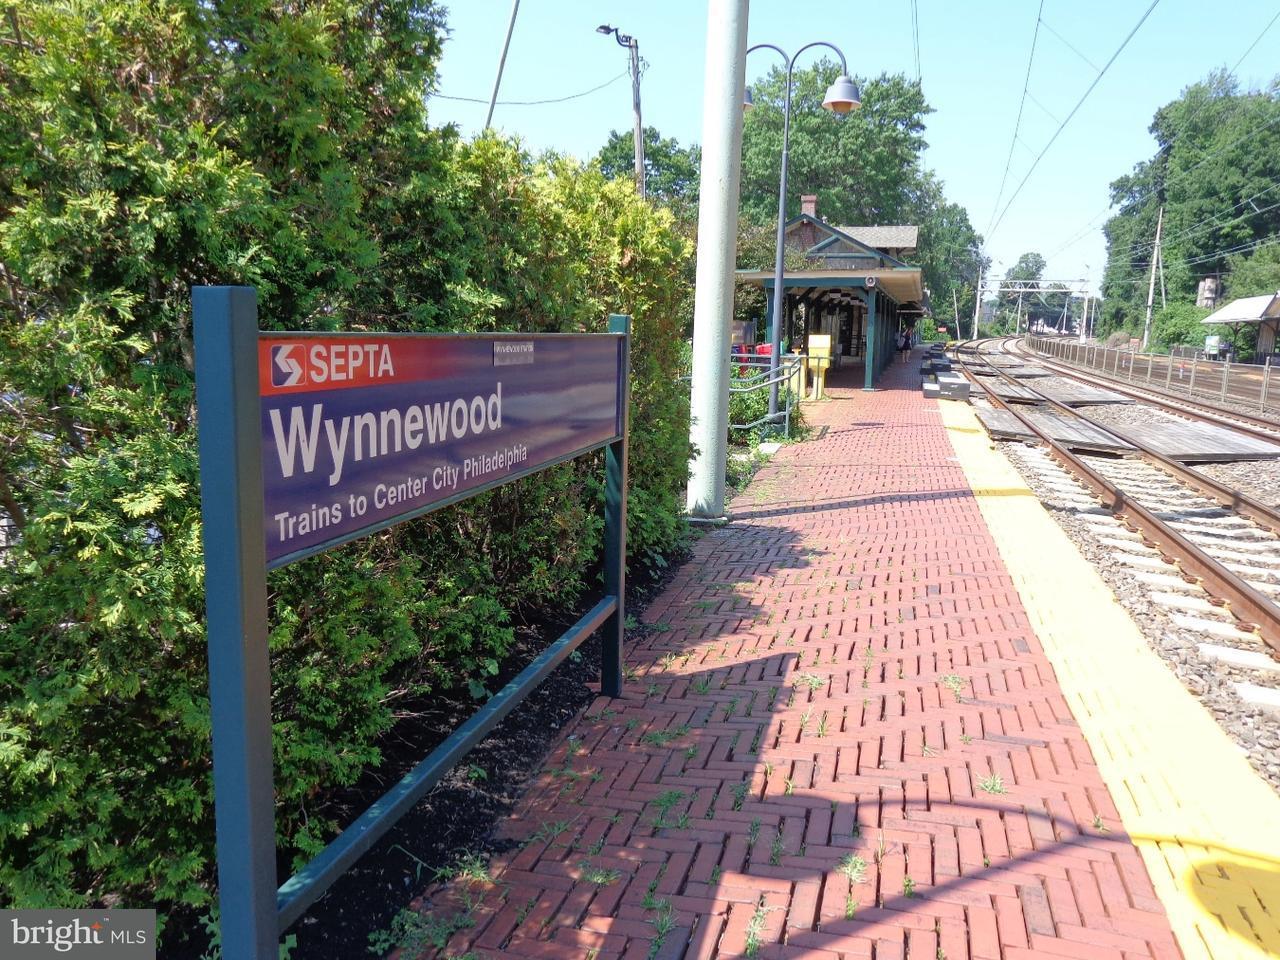 Additional photo for property listing at 1219 W WYNNEWOOD RD #107  Wynnewood, Pennsylvania 19096 Estados Unidos